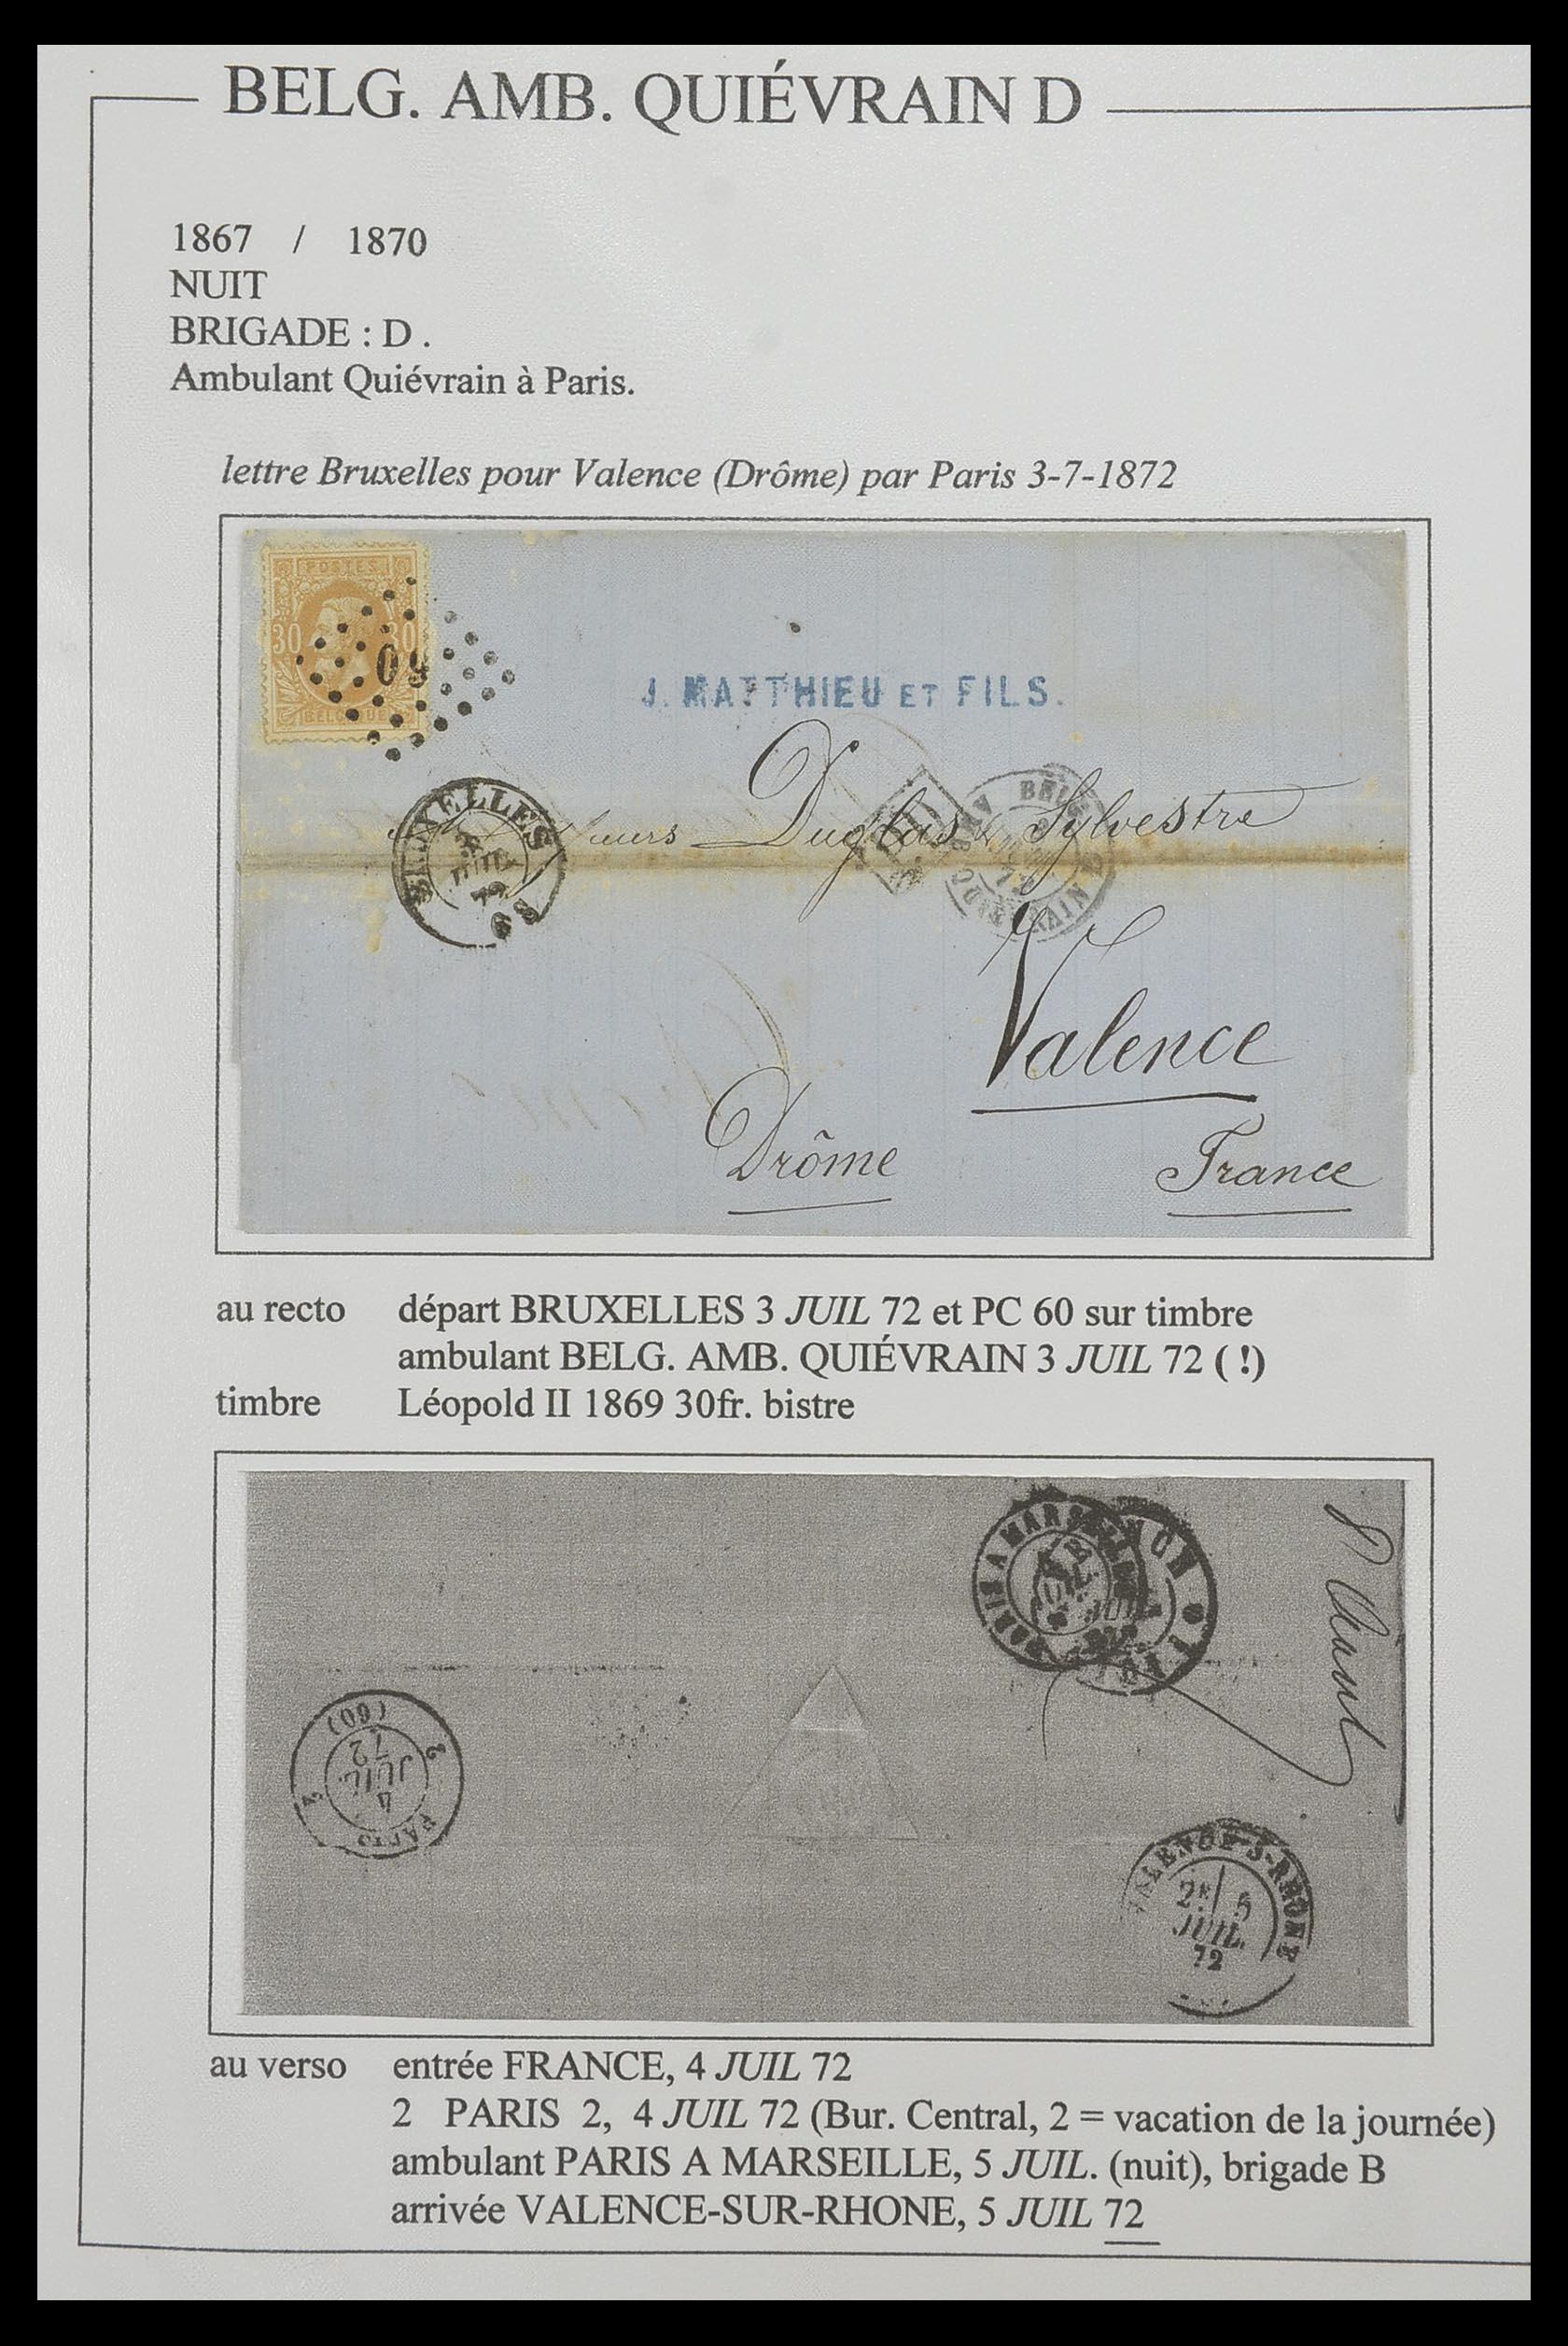 33624 003 - Postzegelverzameling 33624 Frankrijk brieven 1854-1907.